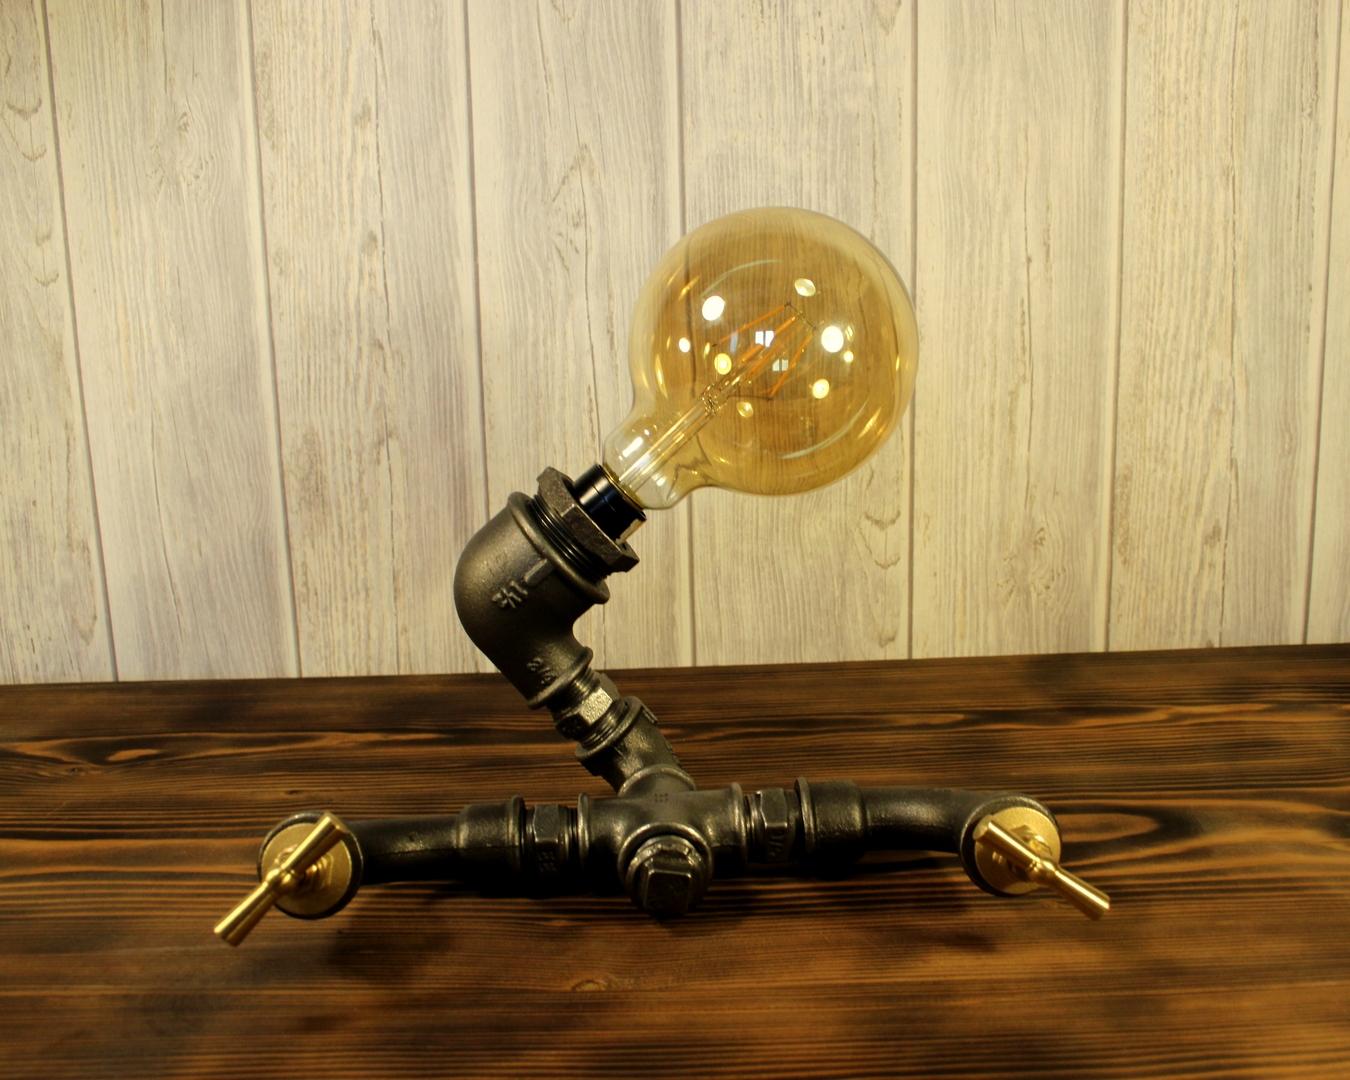 Lampe Inexactevan